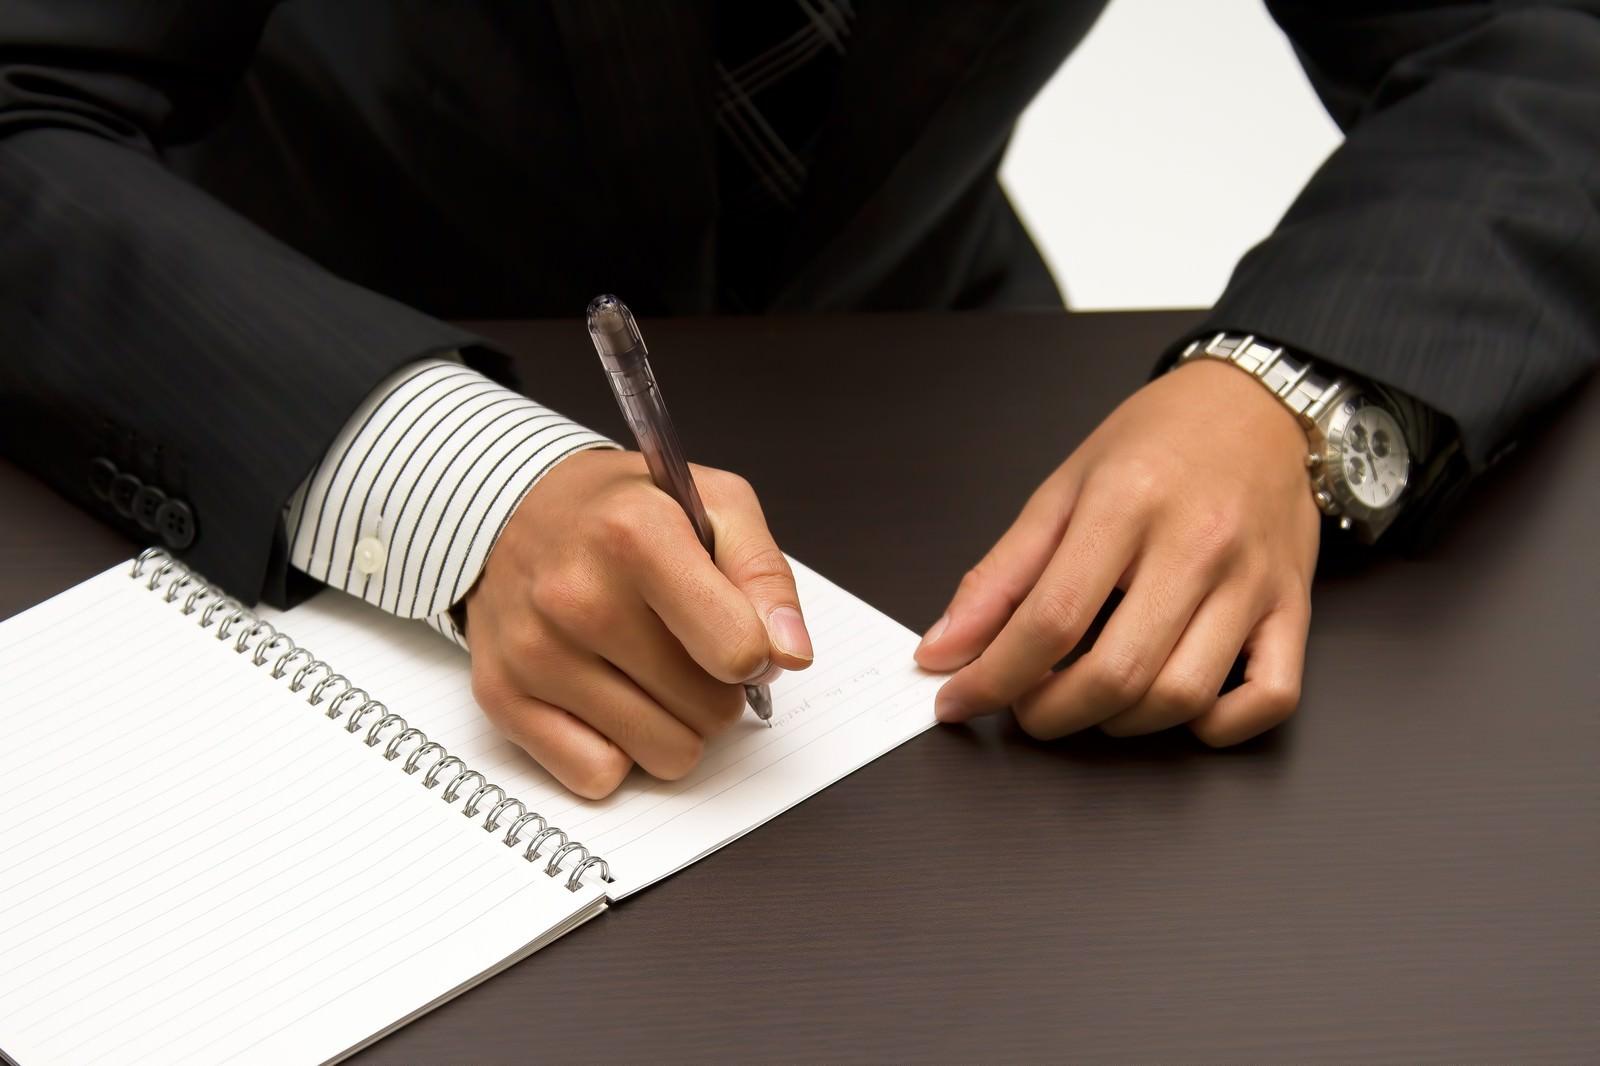 懲戒解雇が転職時に知られる10個の理由!履歴書の書き方も紹介